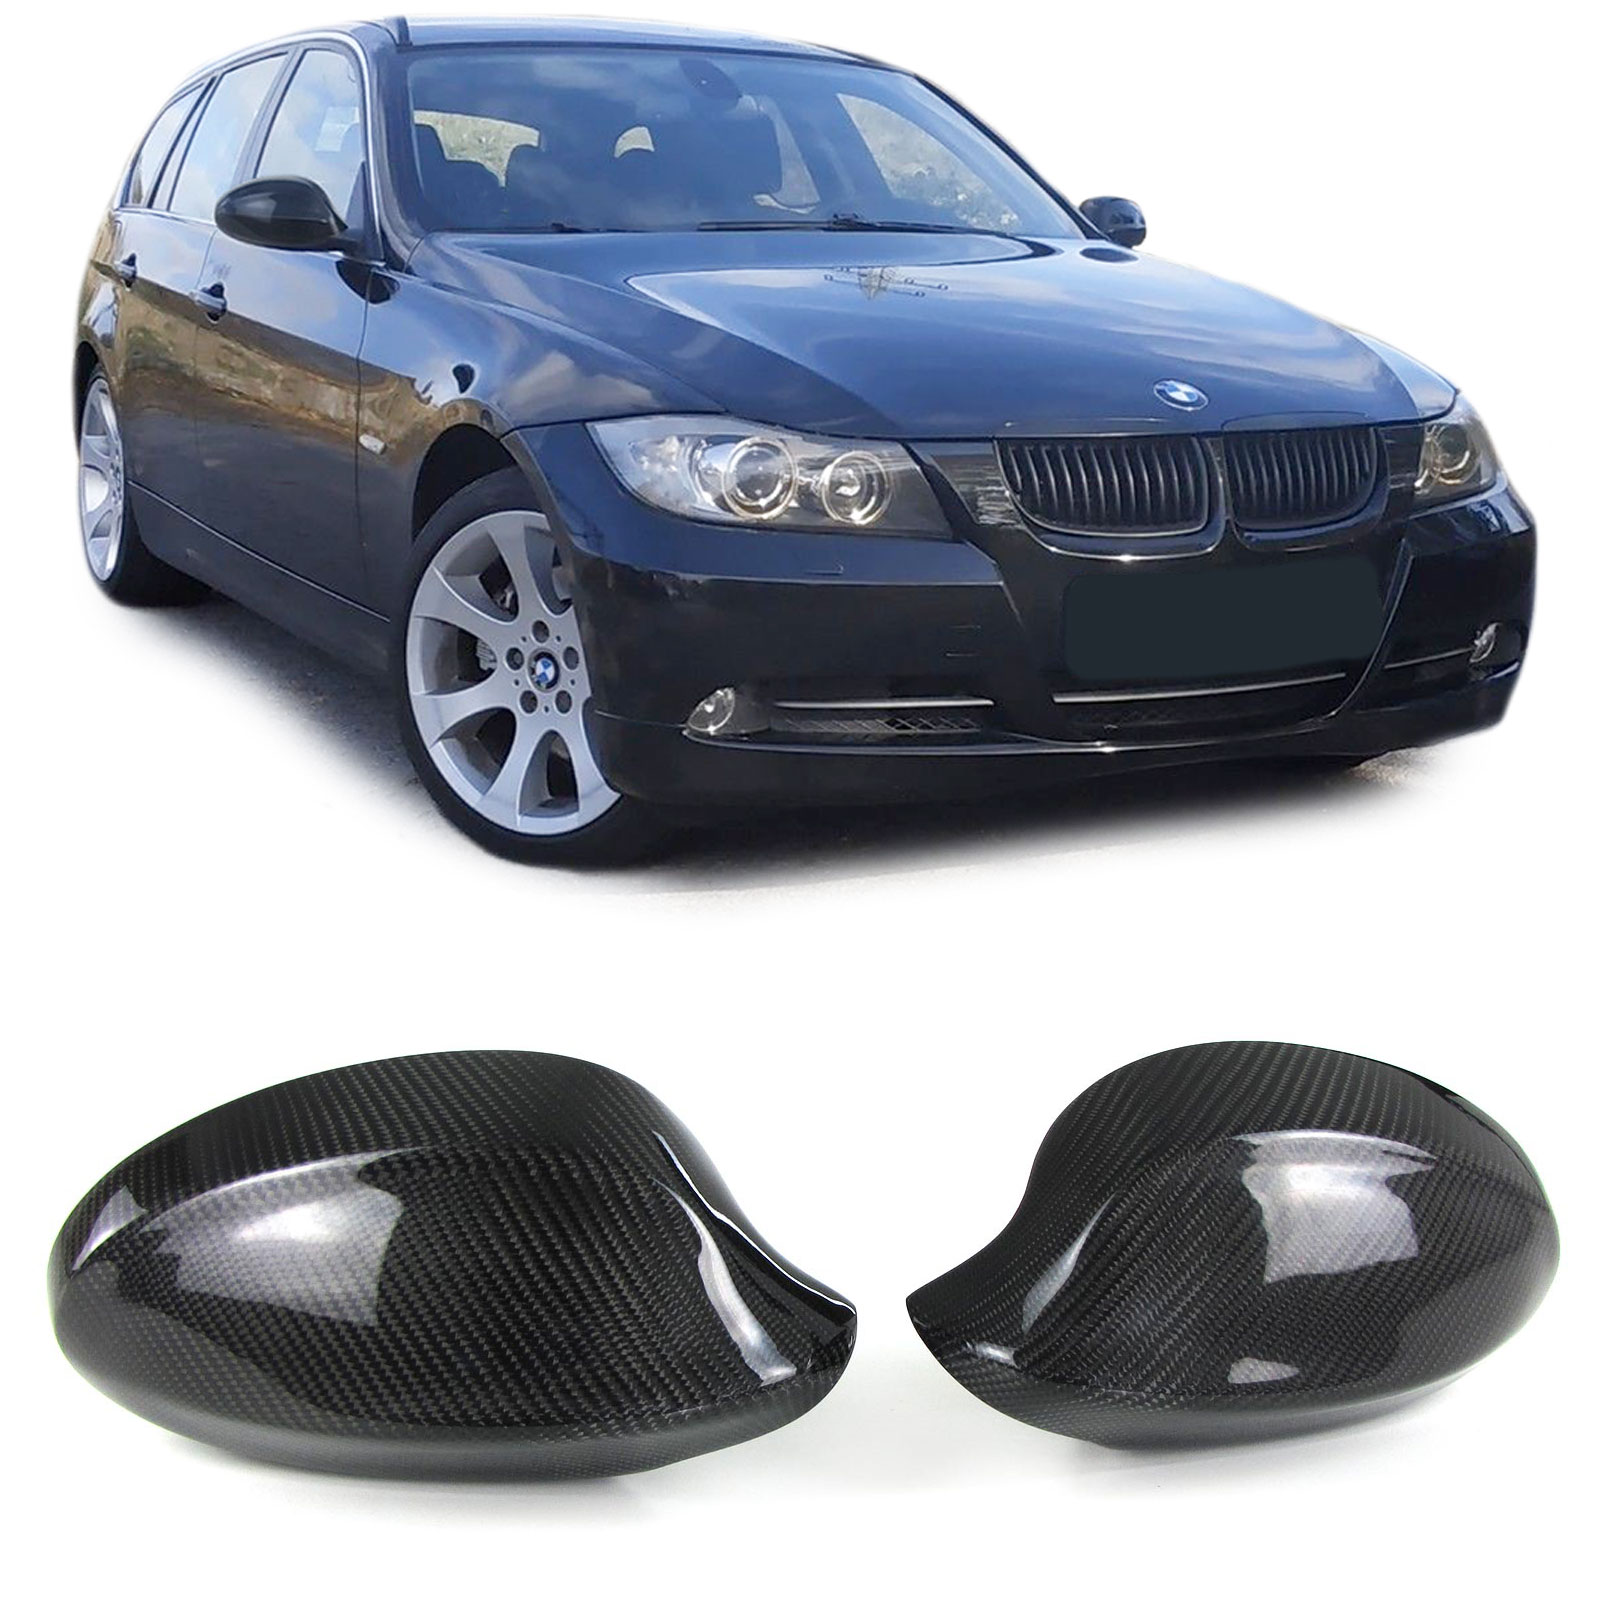 Capas Espelhos Carbono BMW E90 / E91 2005 a 2008